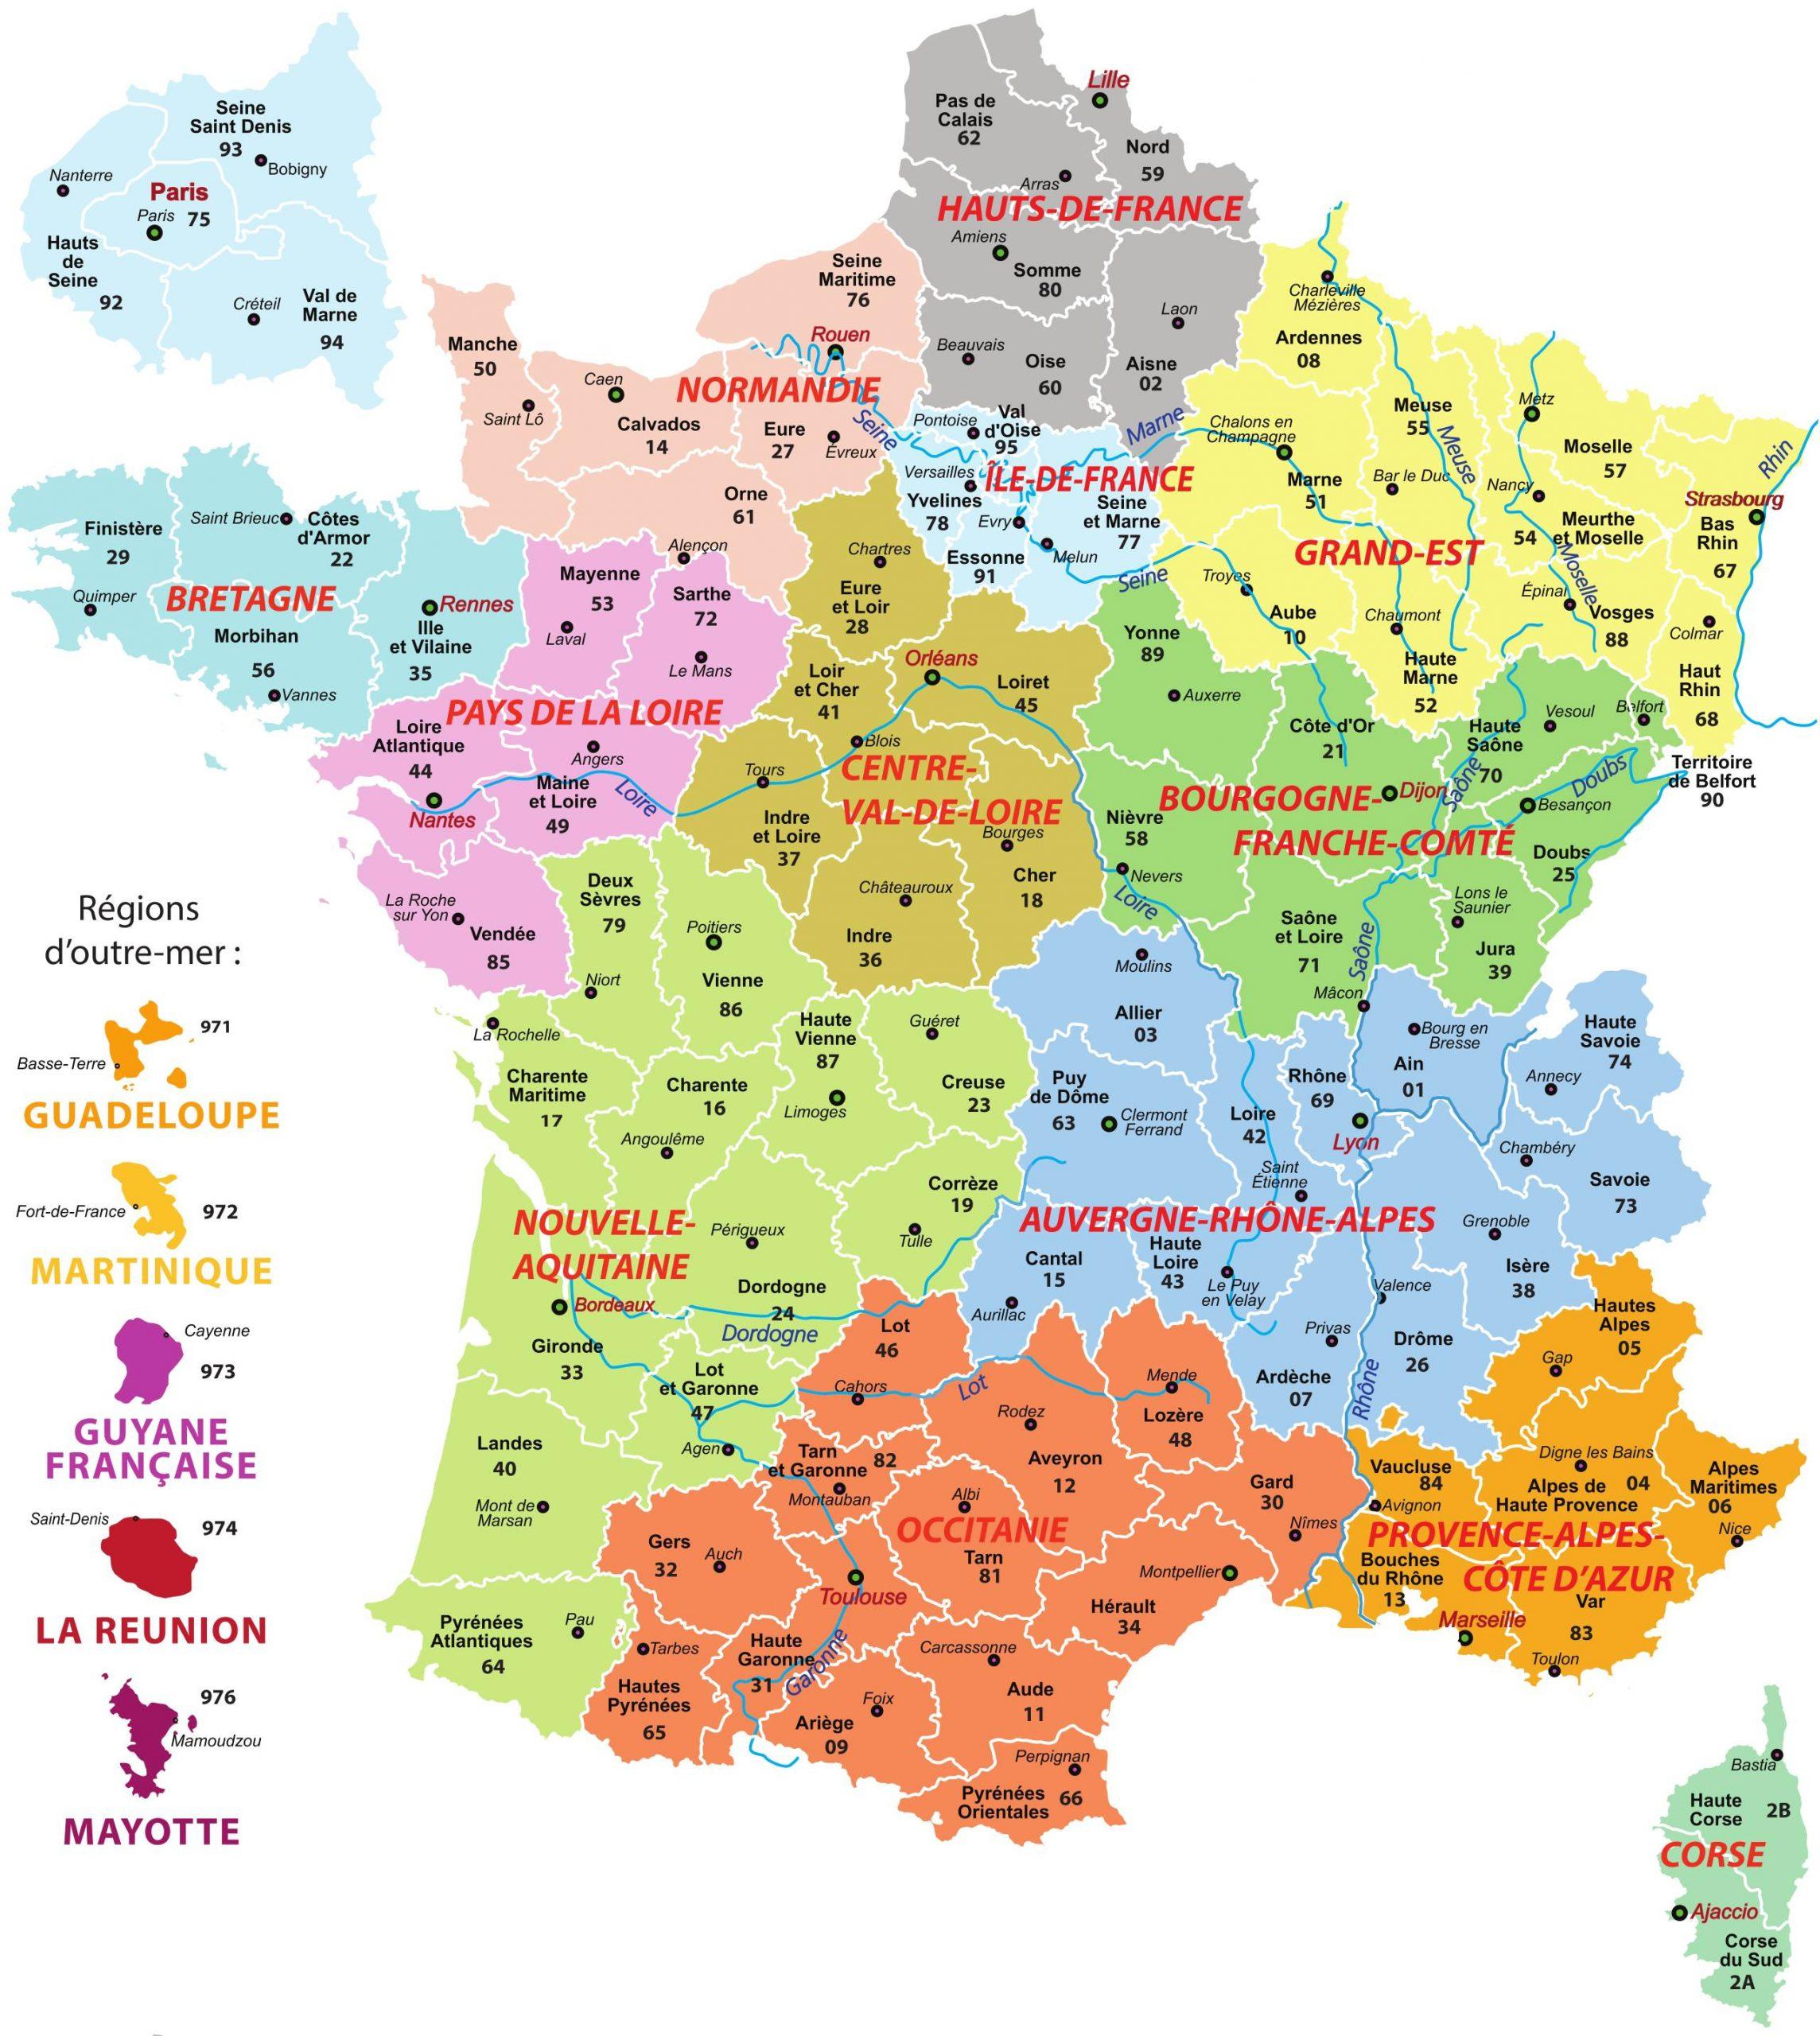 Cartes De France : Cartes Des Régions, Départements Et intérieur Carte Departement 13